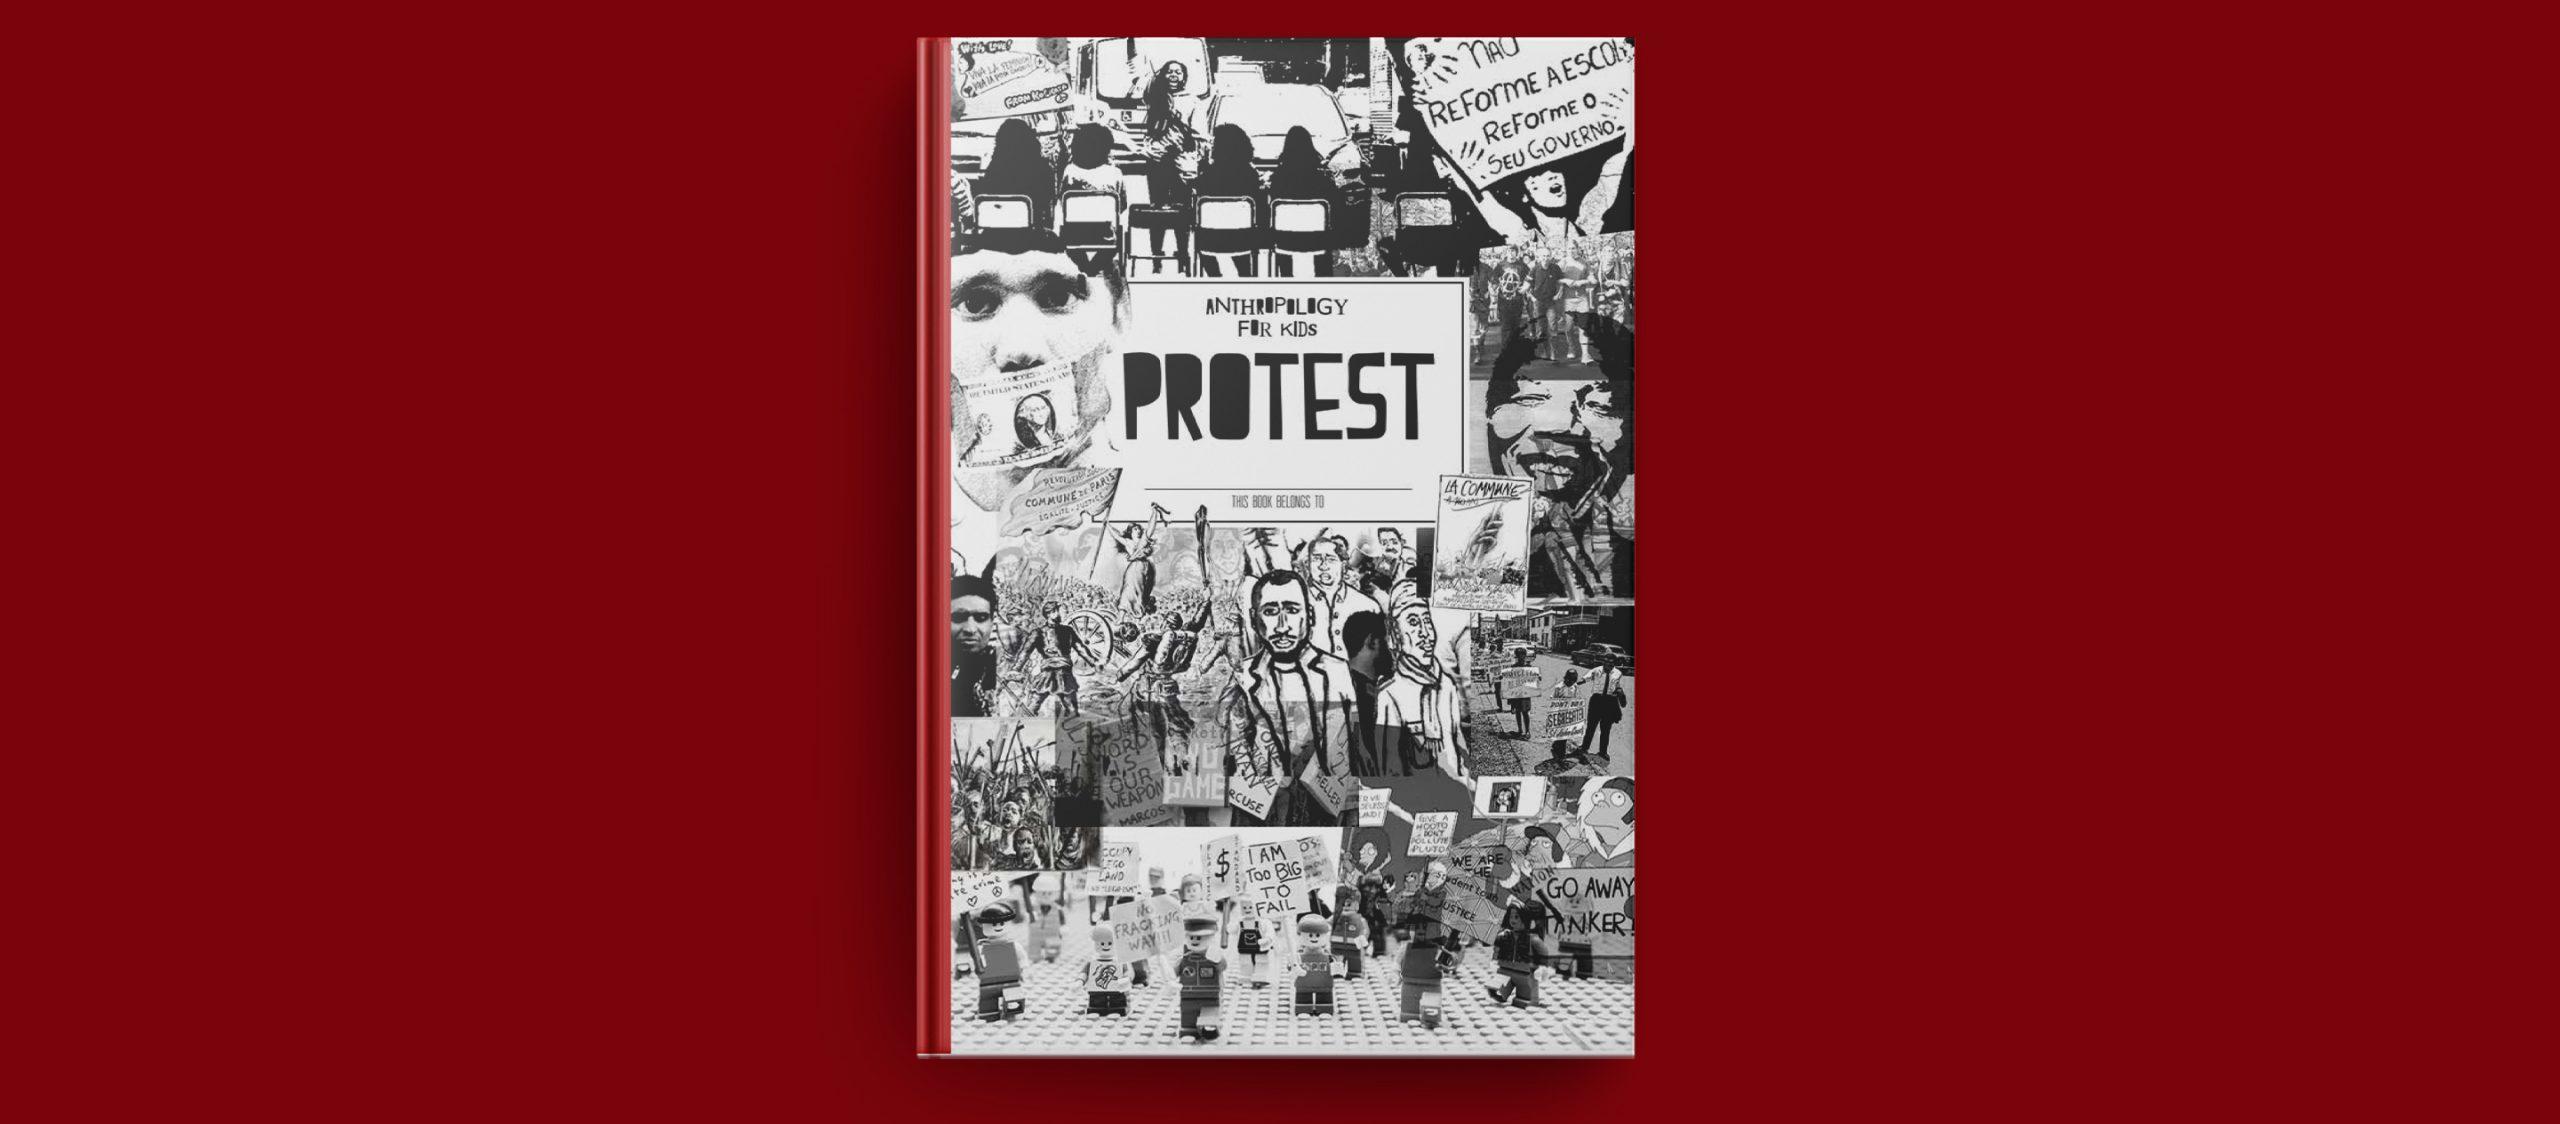 Protest หนังสือแบบฝึกหัดที่ชวนให้ผู้อ่านมาออกแบบการประท้วงของตัวเอง